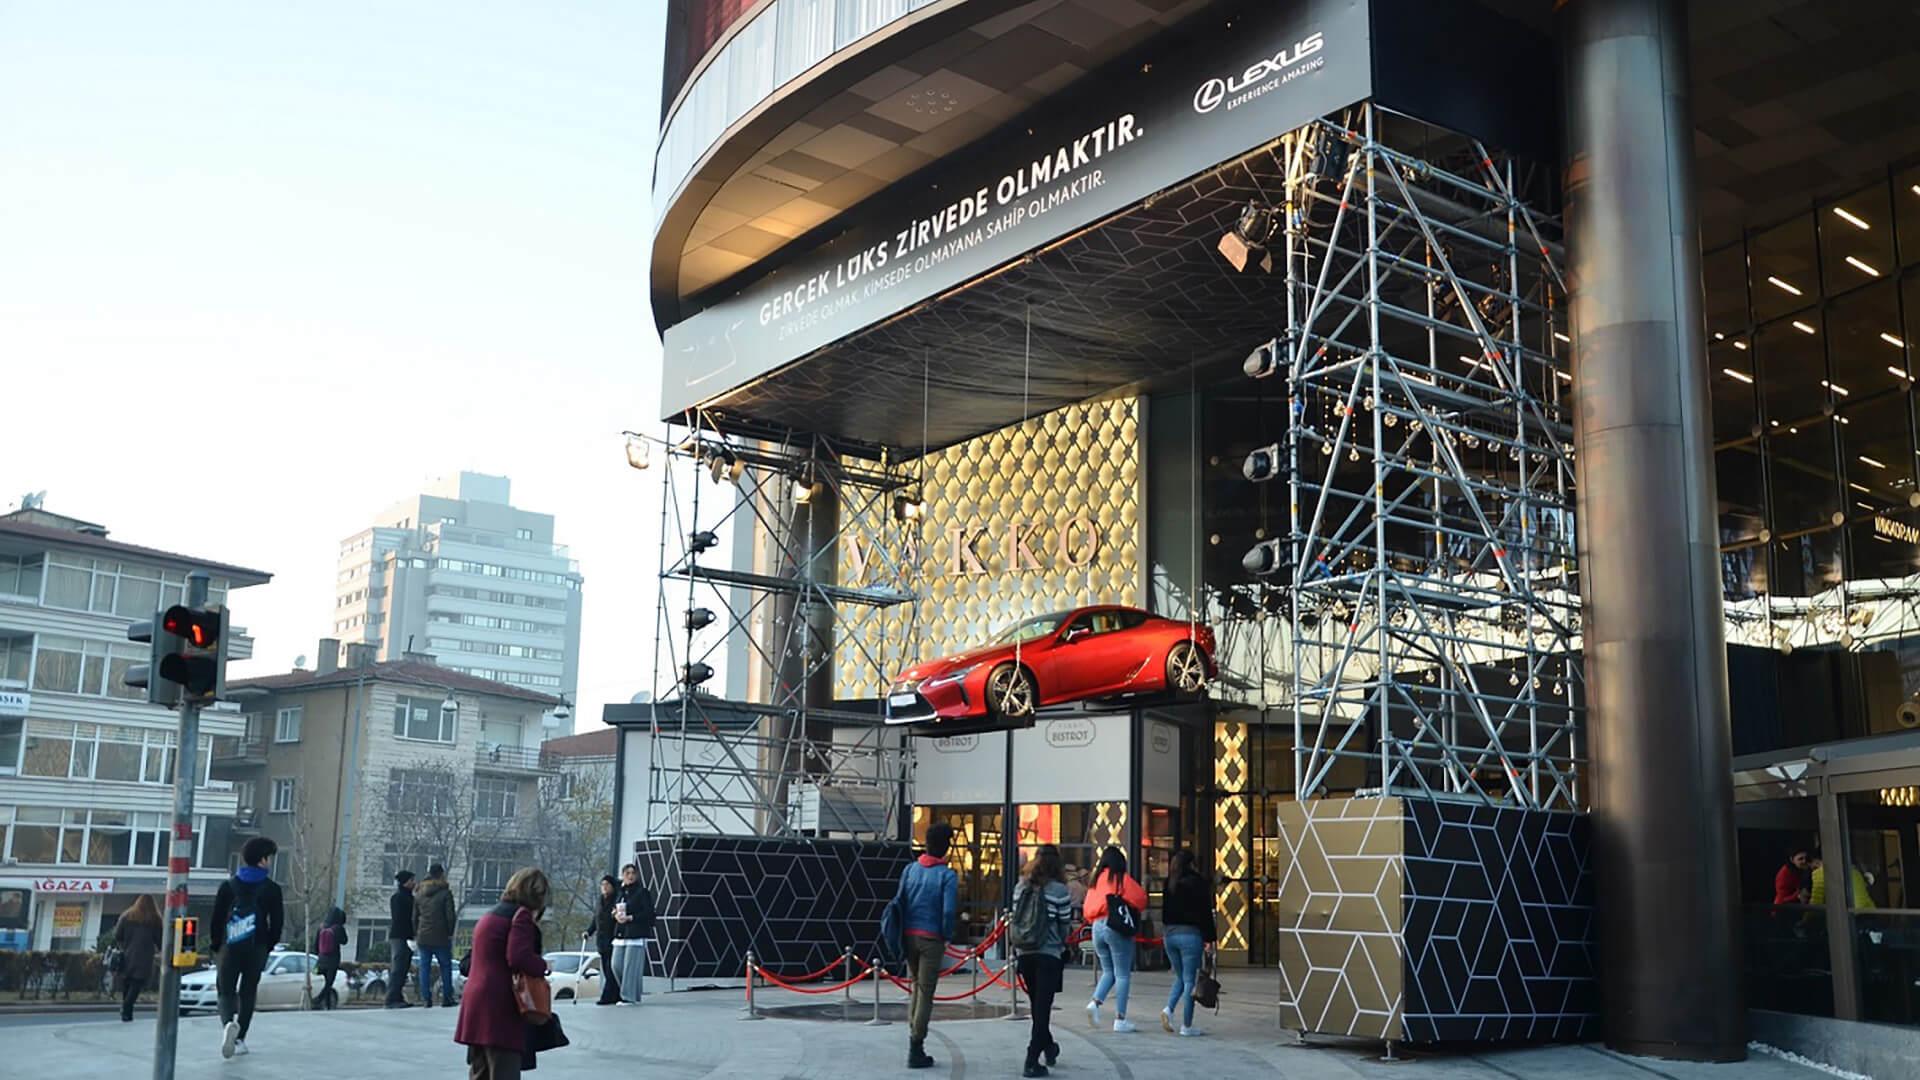 Lexus LC 500 zirvede ucuyor gallery05